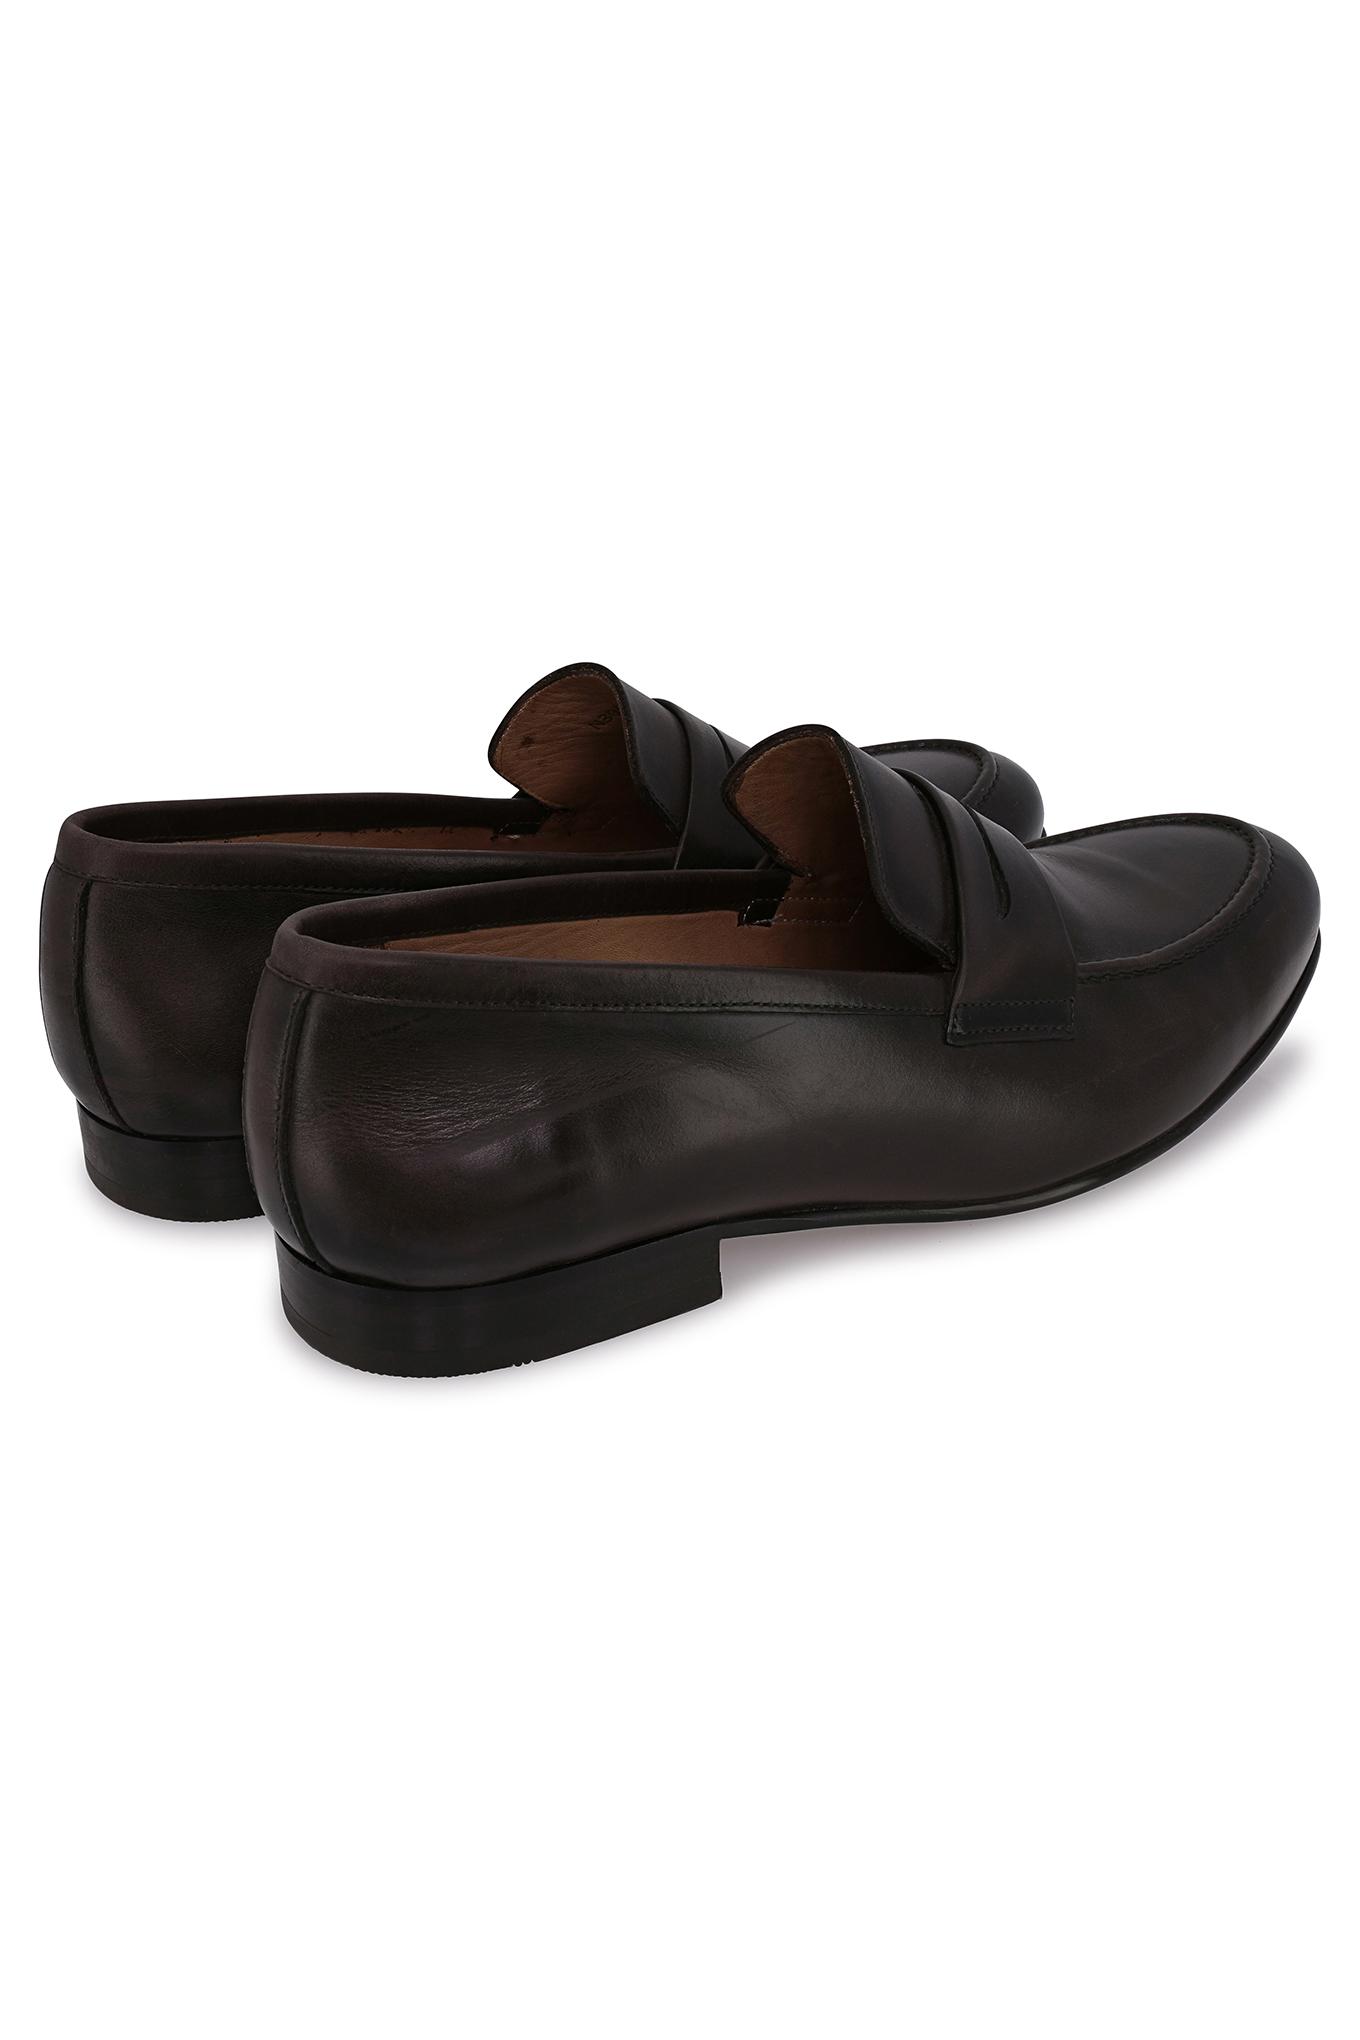 Sapatos Chocolate Classic Homem